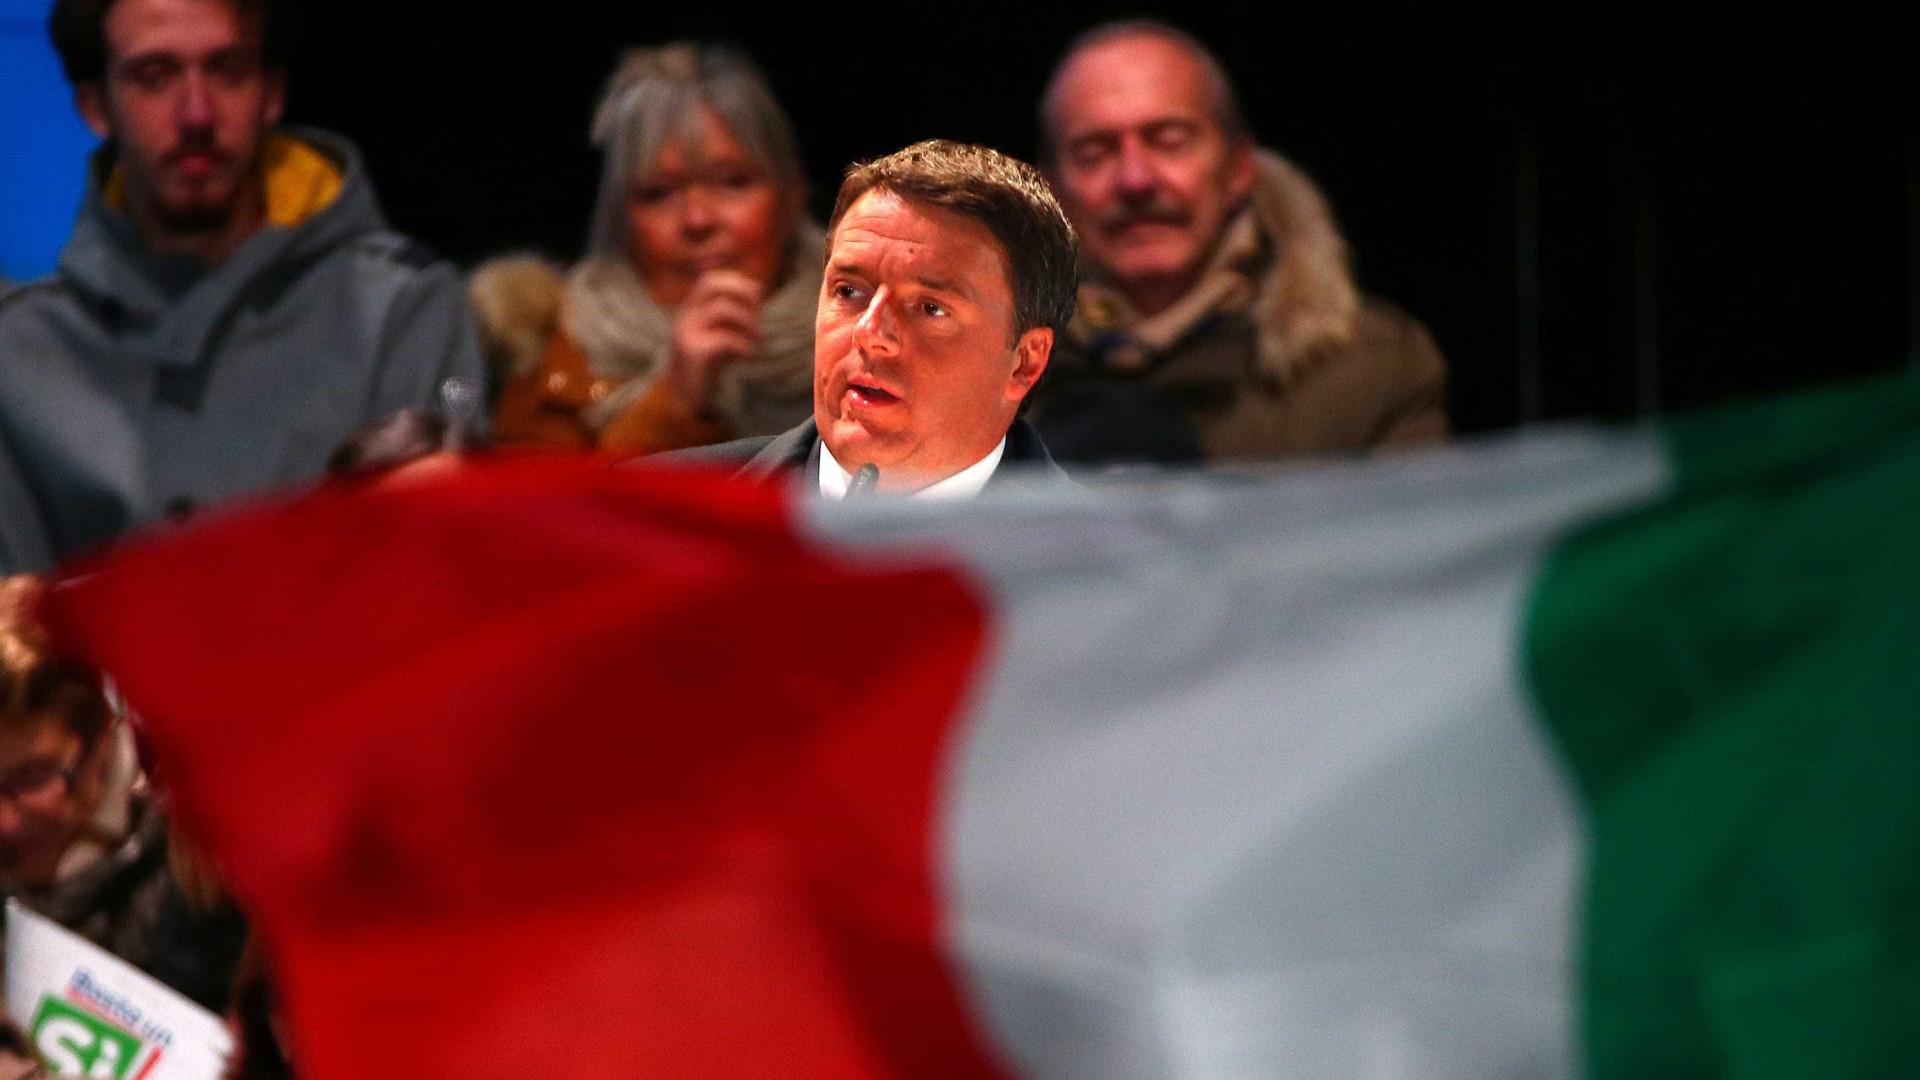 Matteo Renzi deixa liderança do Partido Democrático após derrota na eleição italiana